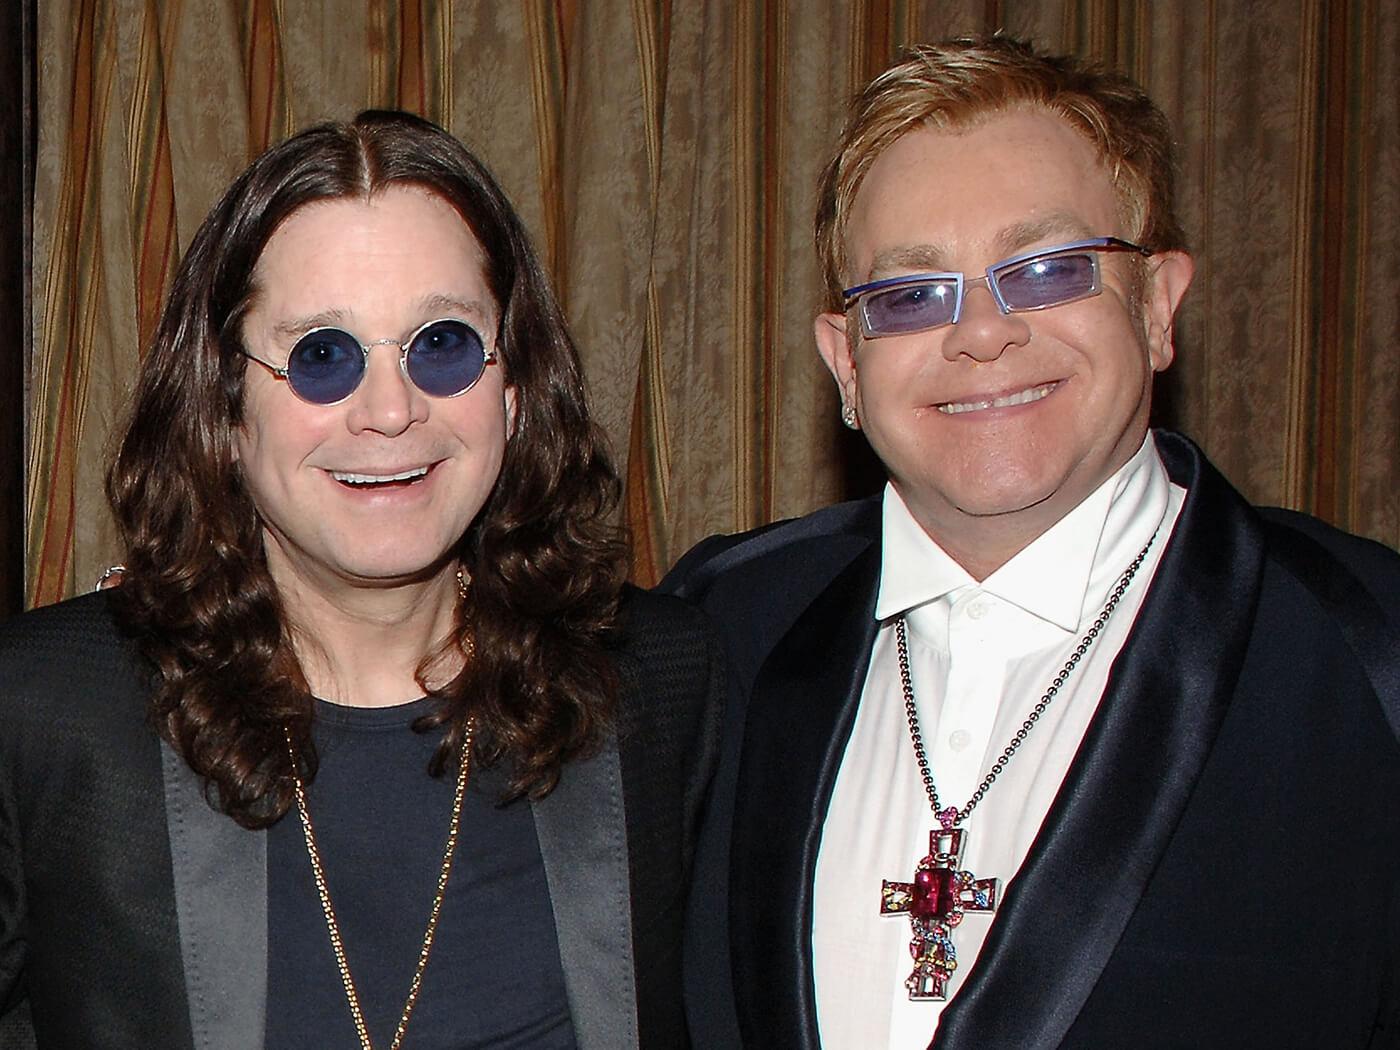 Hear Ozzy Osbourne duet with Elton John - UNCUT